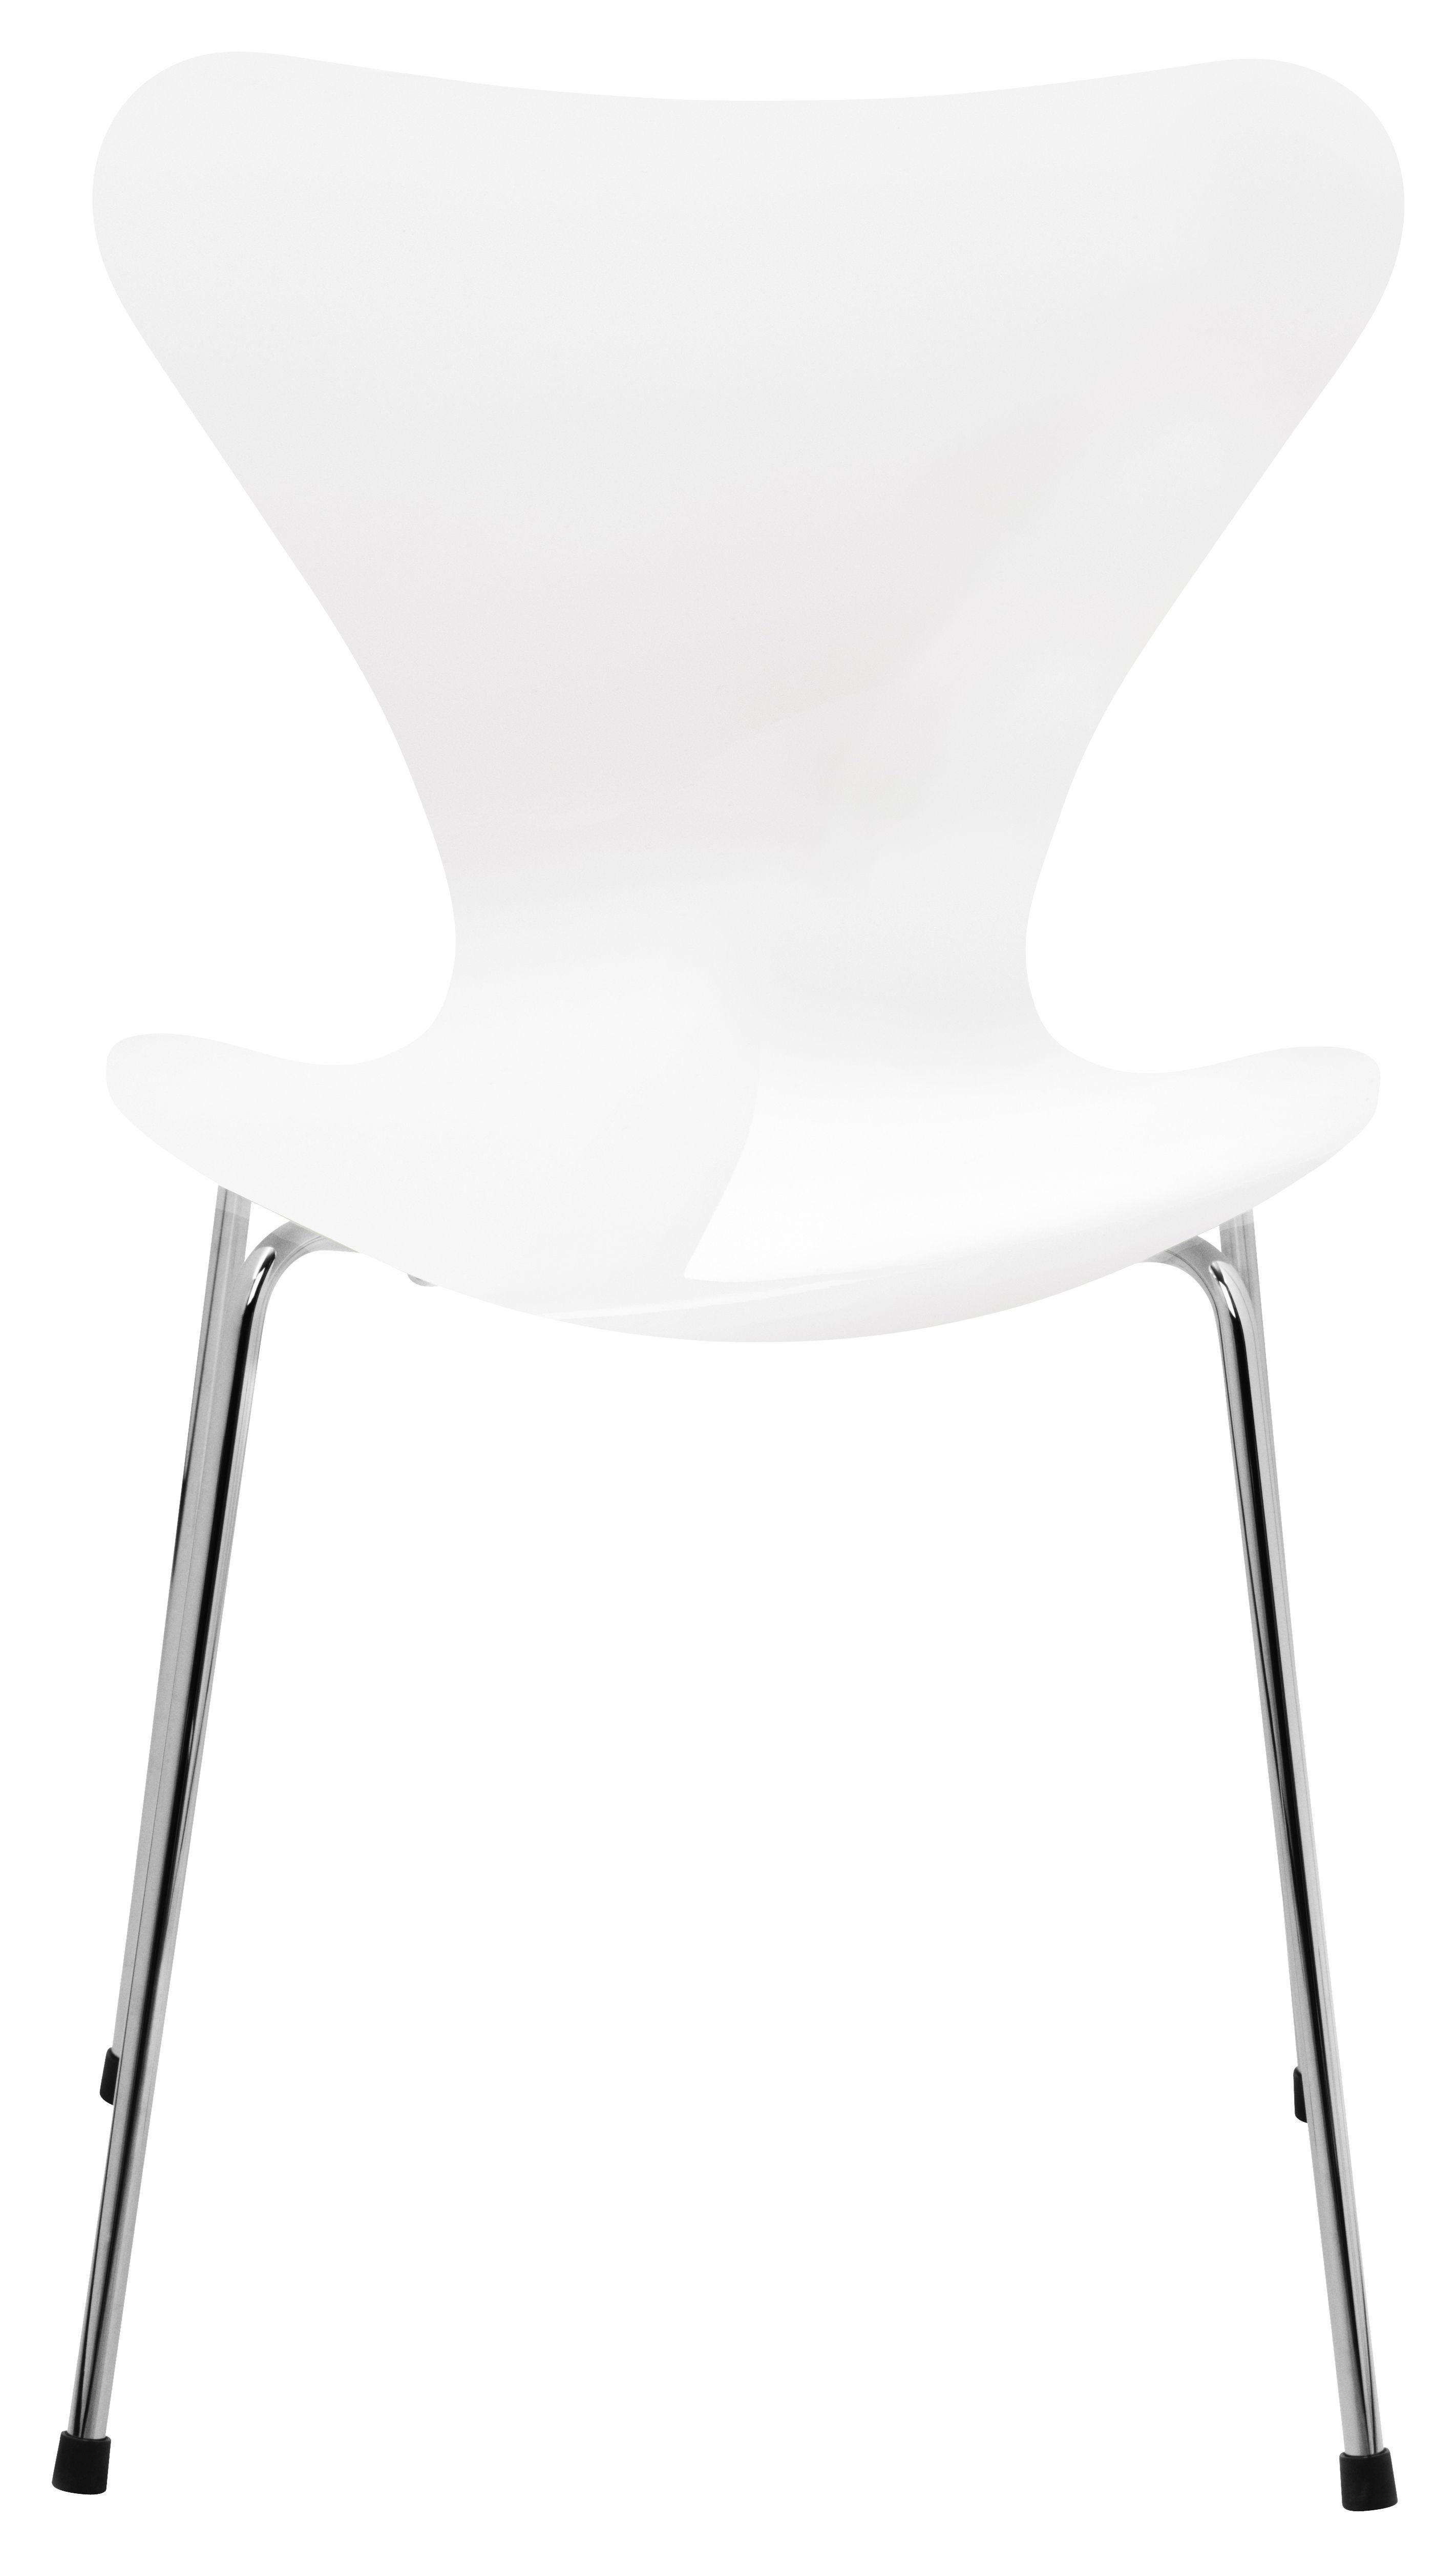 Möbel - Stühle  - Série 7 Stapelbarer Stuhl Holz lackiert - Fritz Hansen - Weiß lackiert - Contreplaqué de bois laqué, Stahl